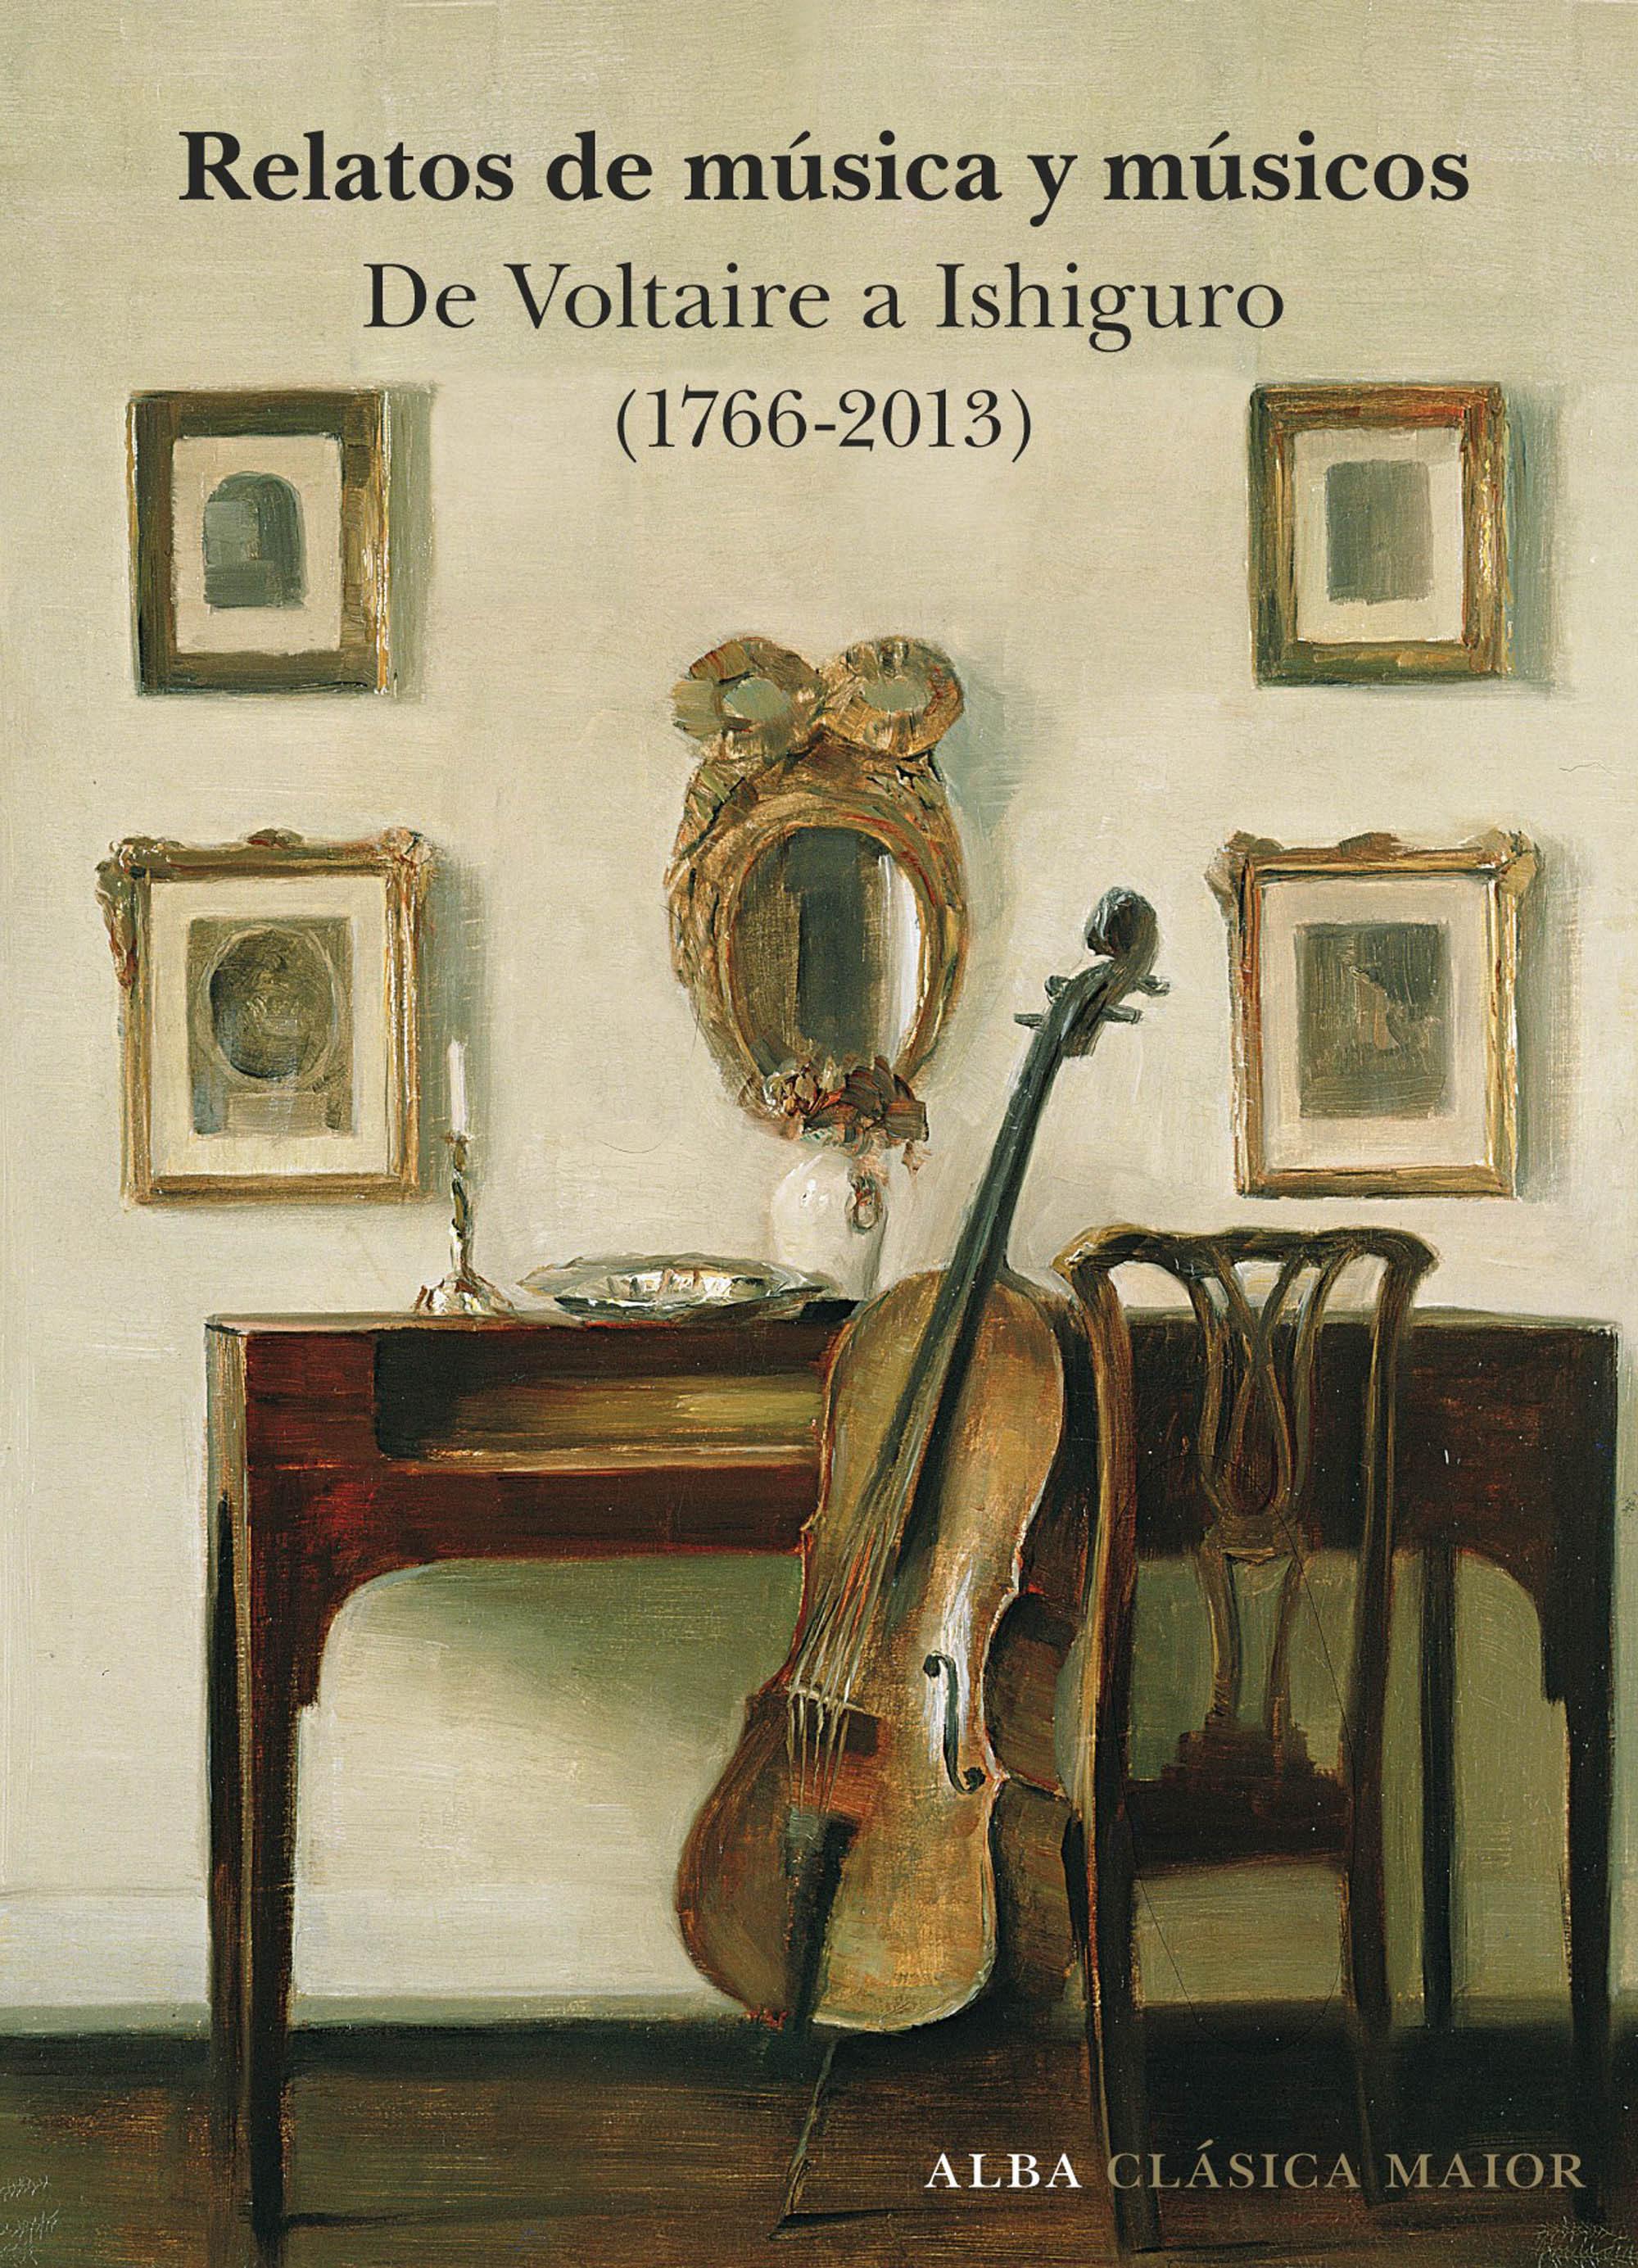 Relatos De Musica Y Musicos: De Voltaire A Ishiguro (1766-2009) por Vv.aa.